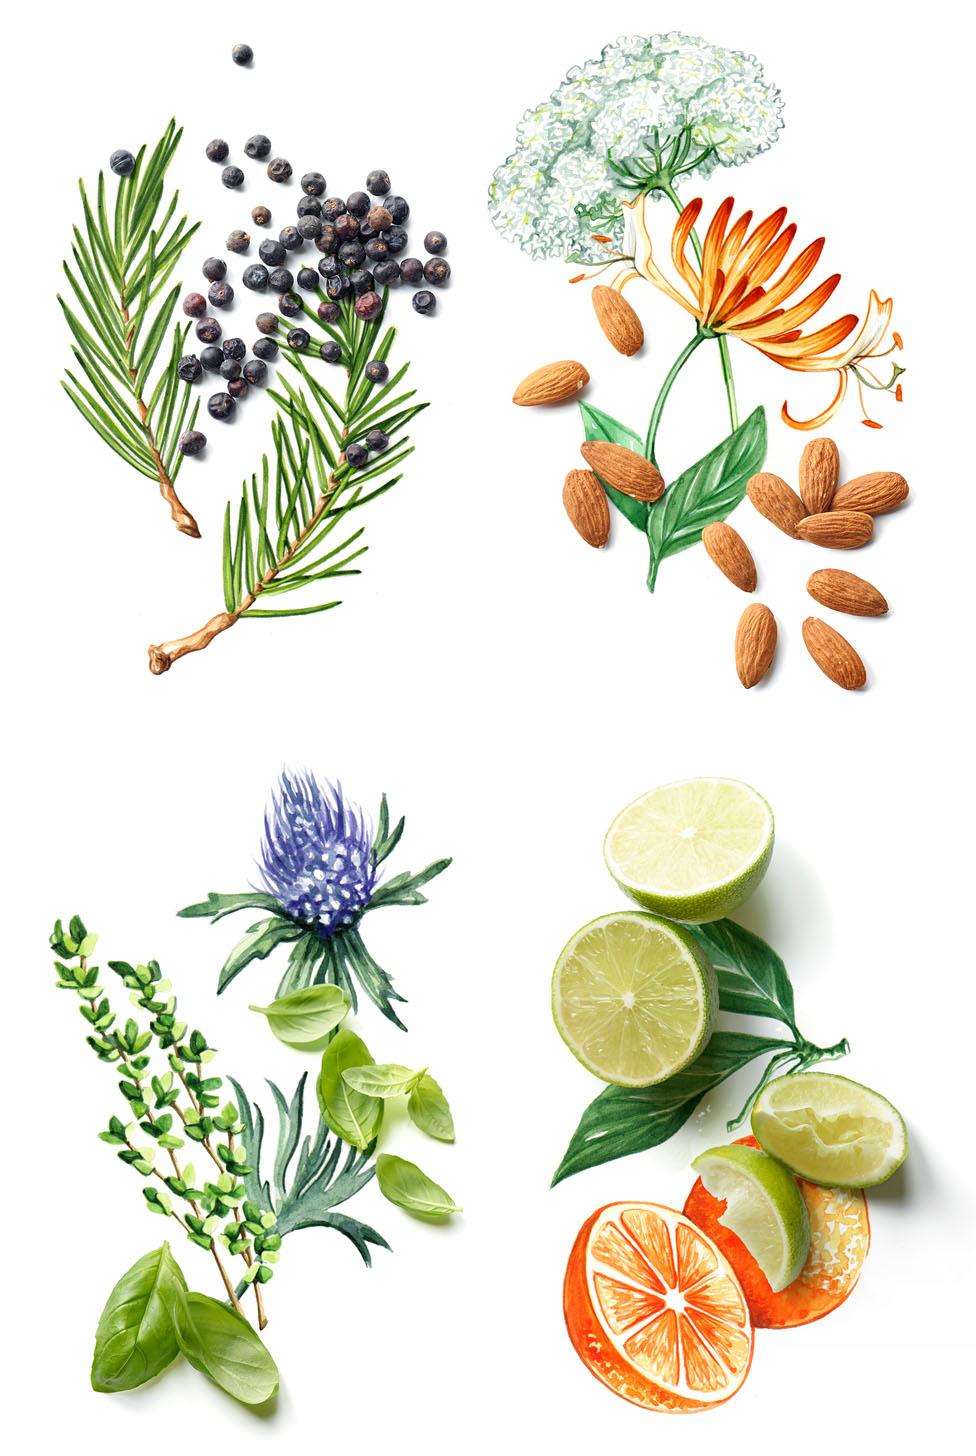 Food illustration, botanical illustration, photography collaboration for Waitrose